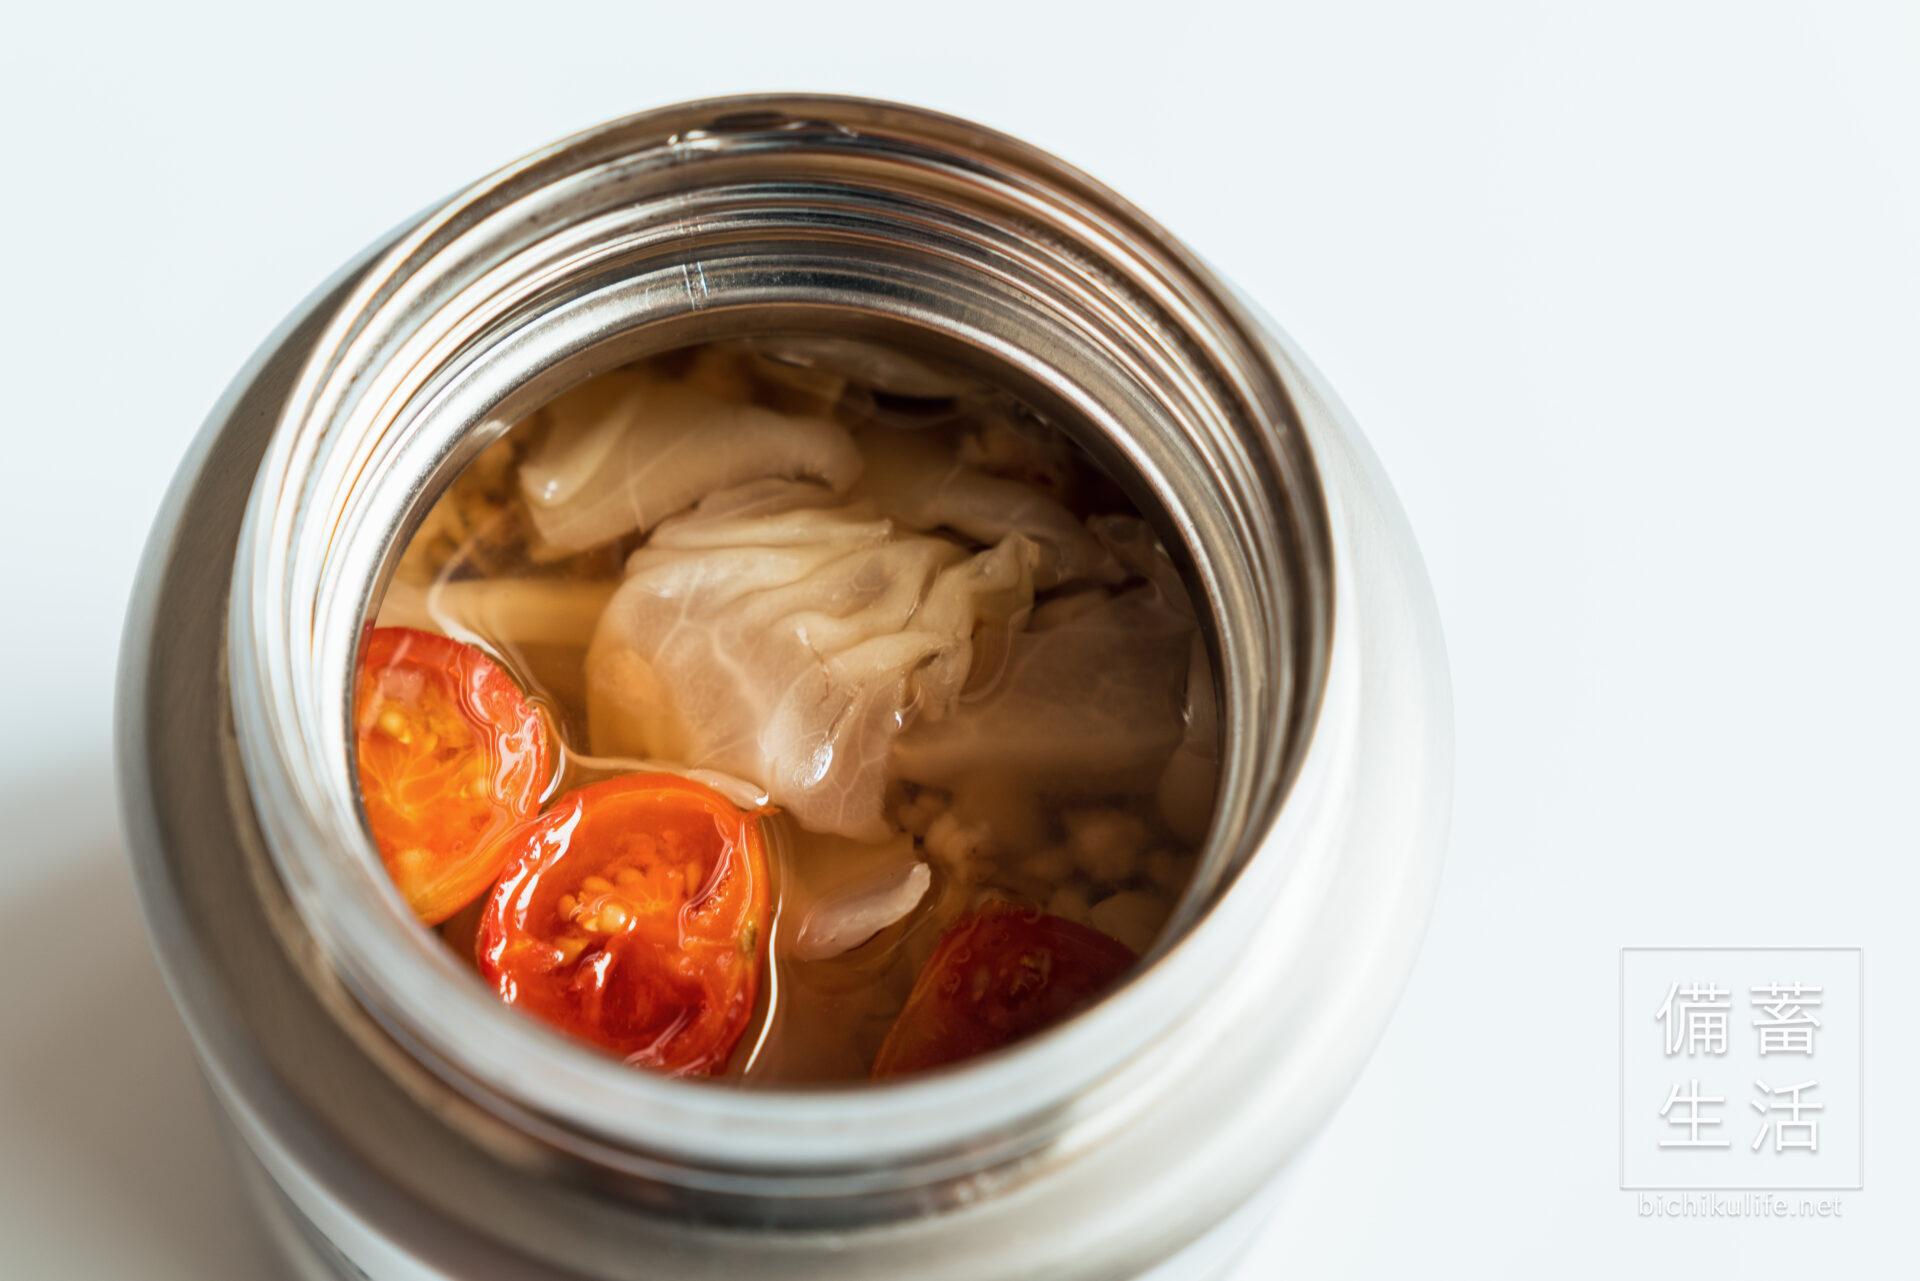 【ドライトマトと野菜コンソメ】炒り玄米スープごはんの作り方・レシピ